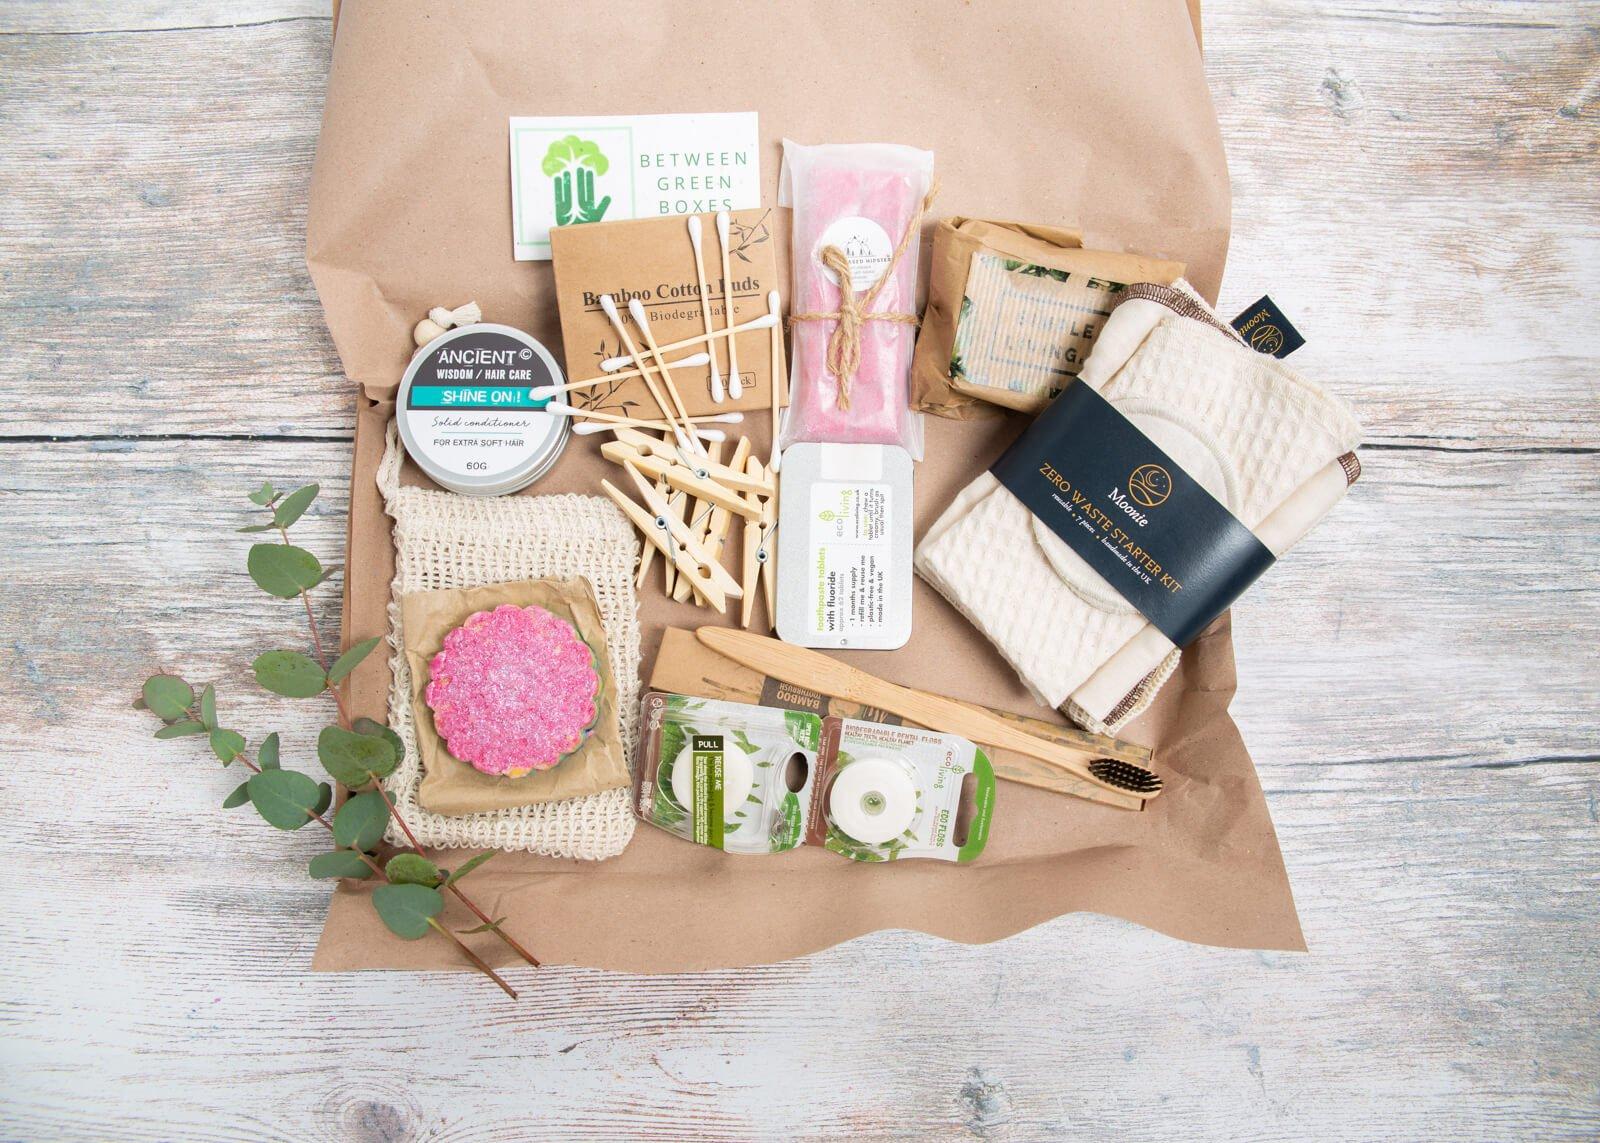 Between Green Eco Subscription Box Kind Shop 5